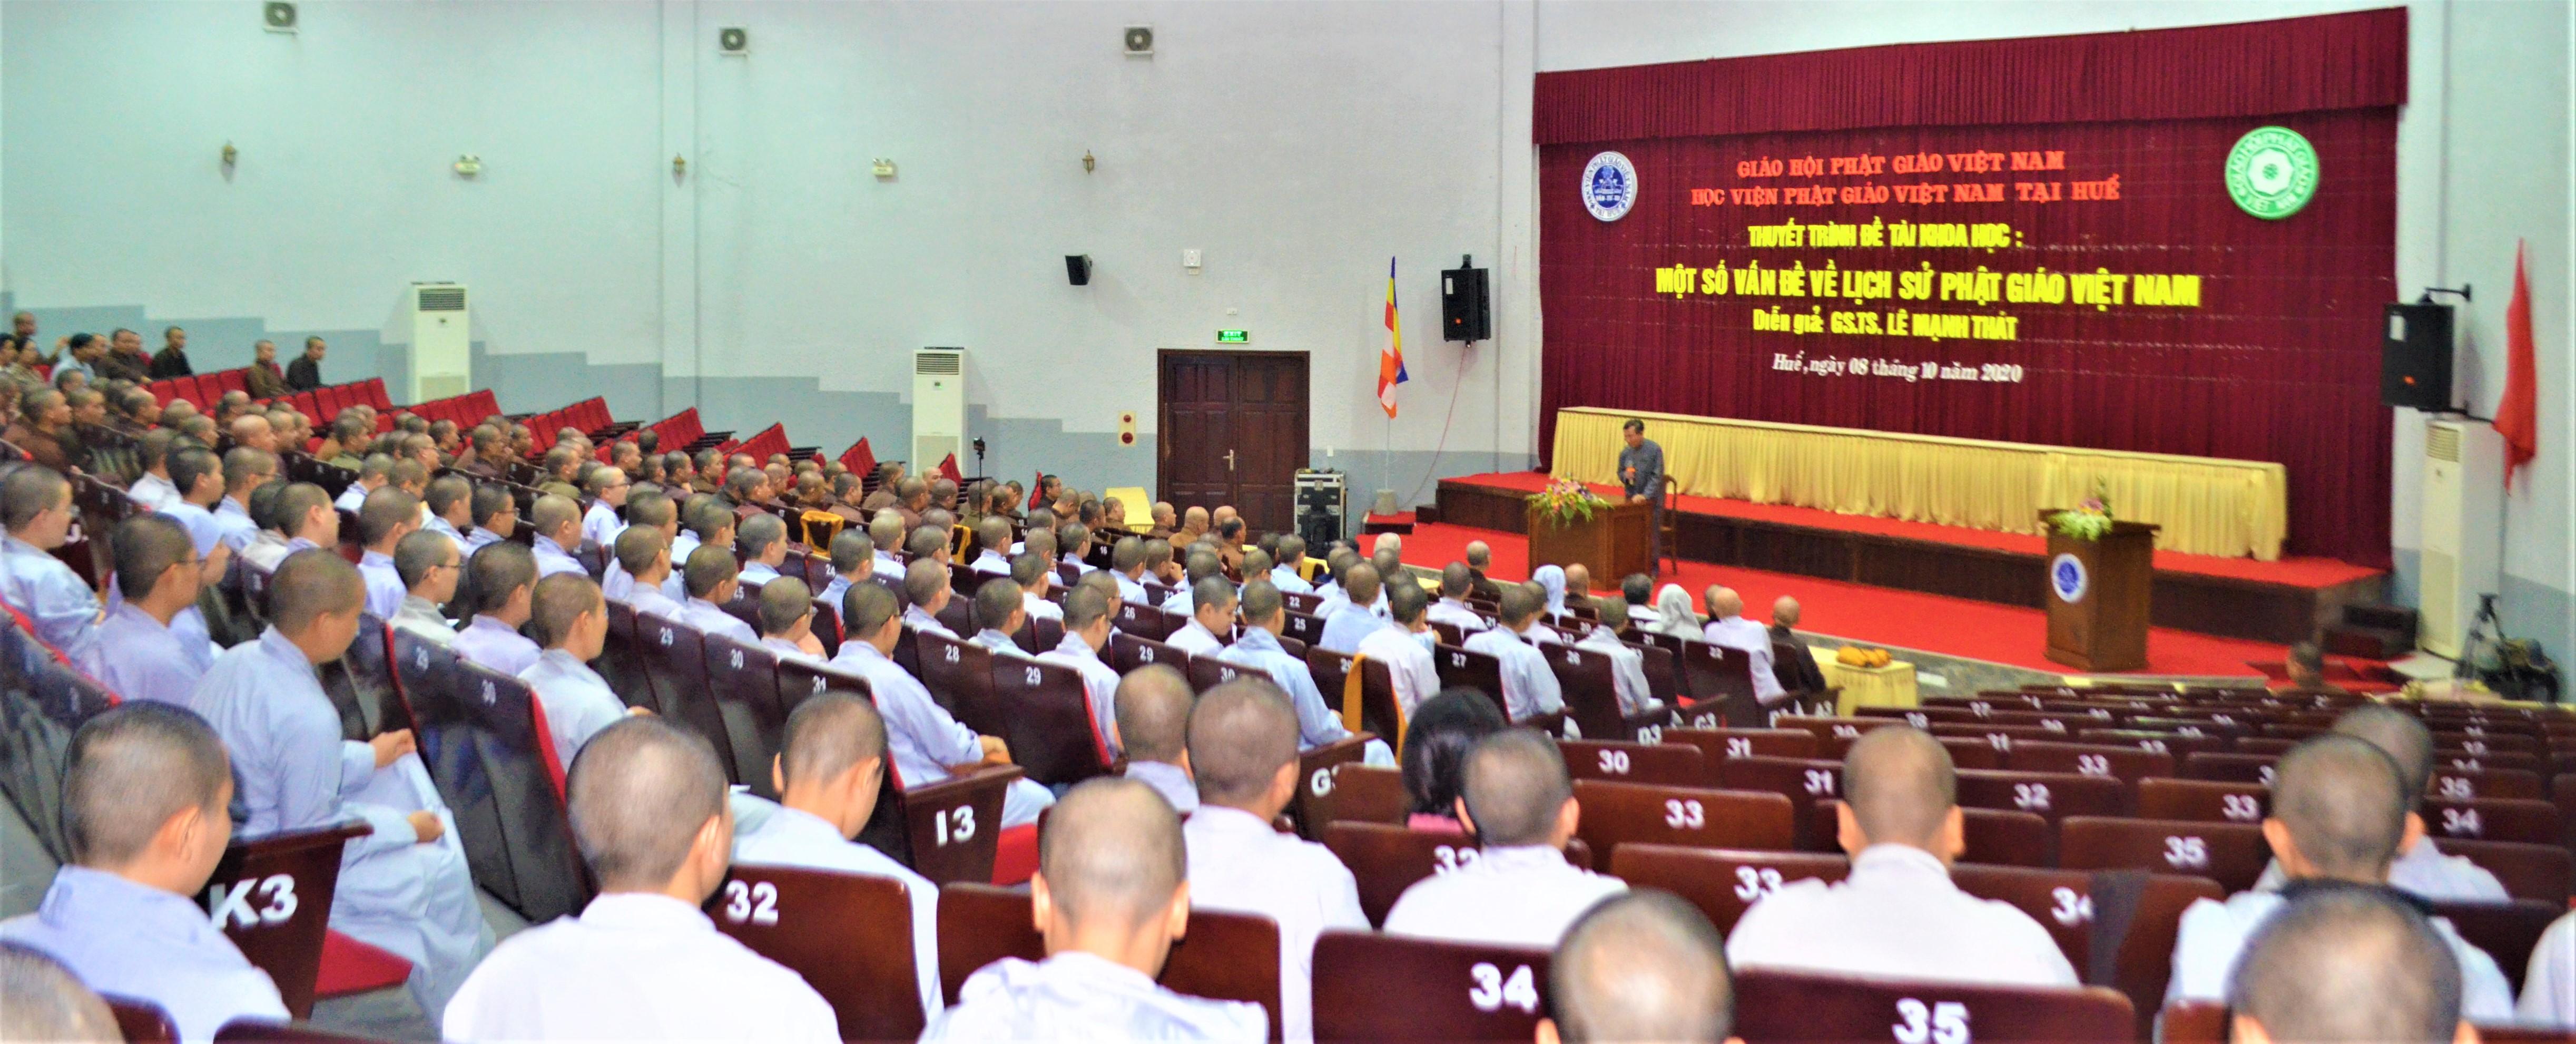 """Thuyết trình đề tài """"Một số vấn đề về lịch sử Phật giáo Việt Nam"""""""